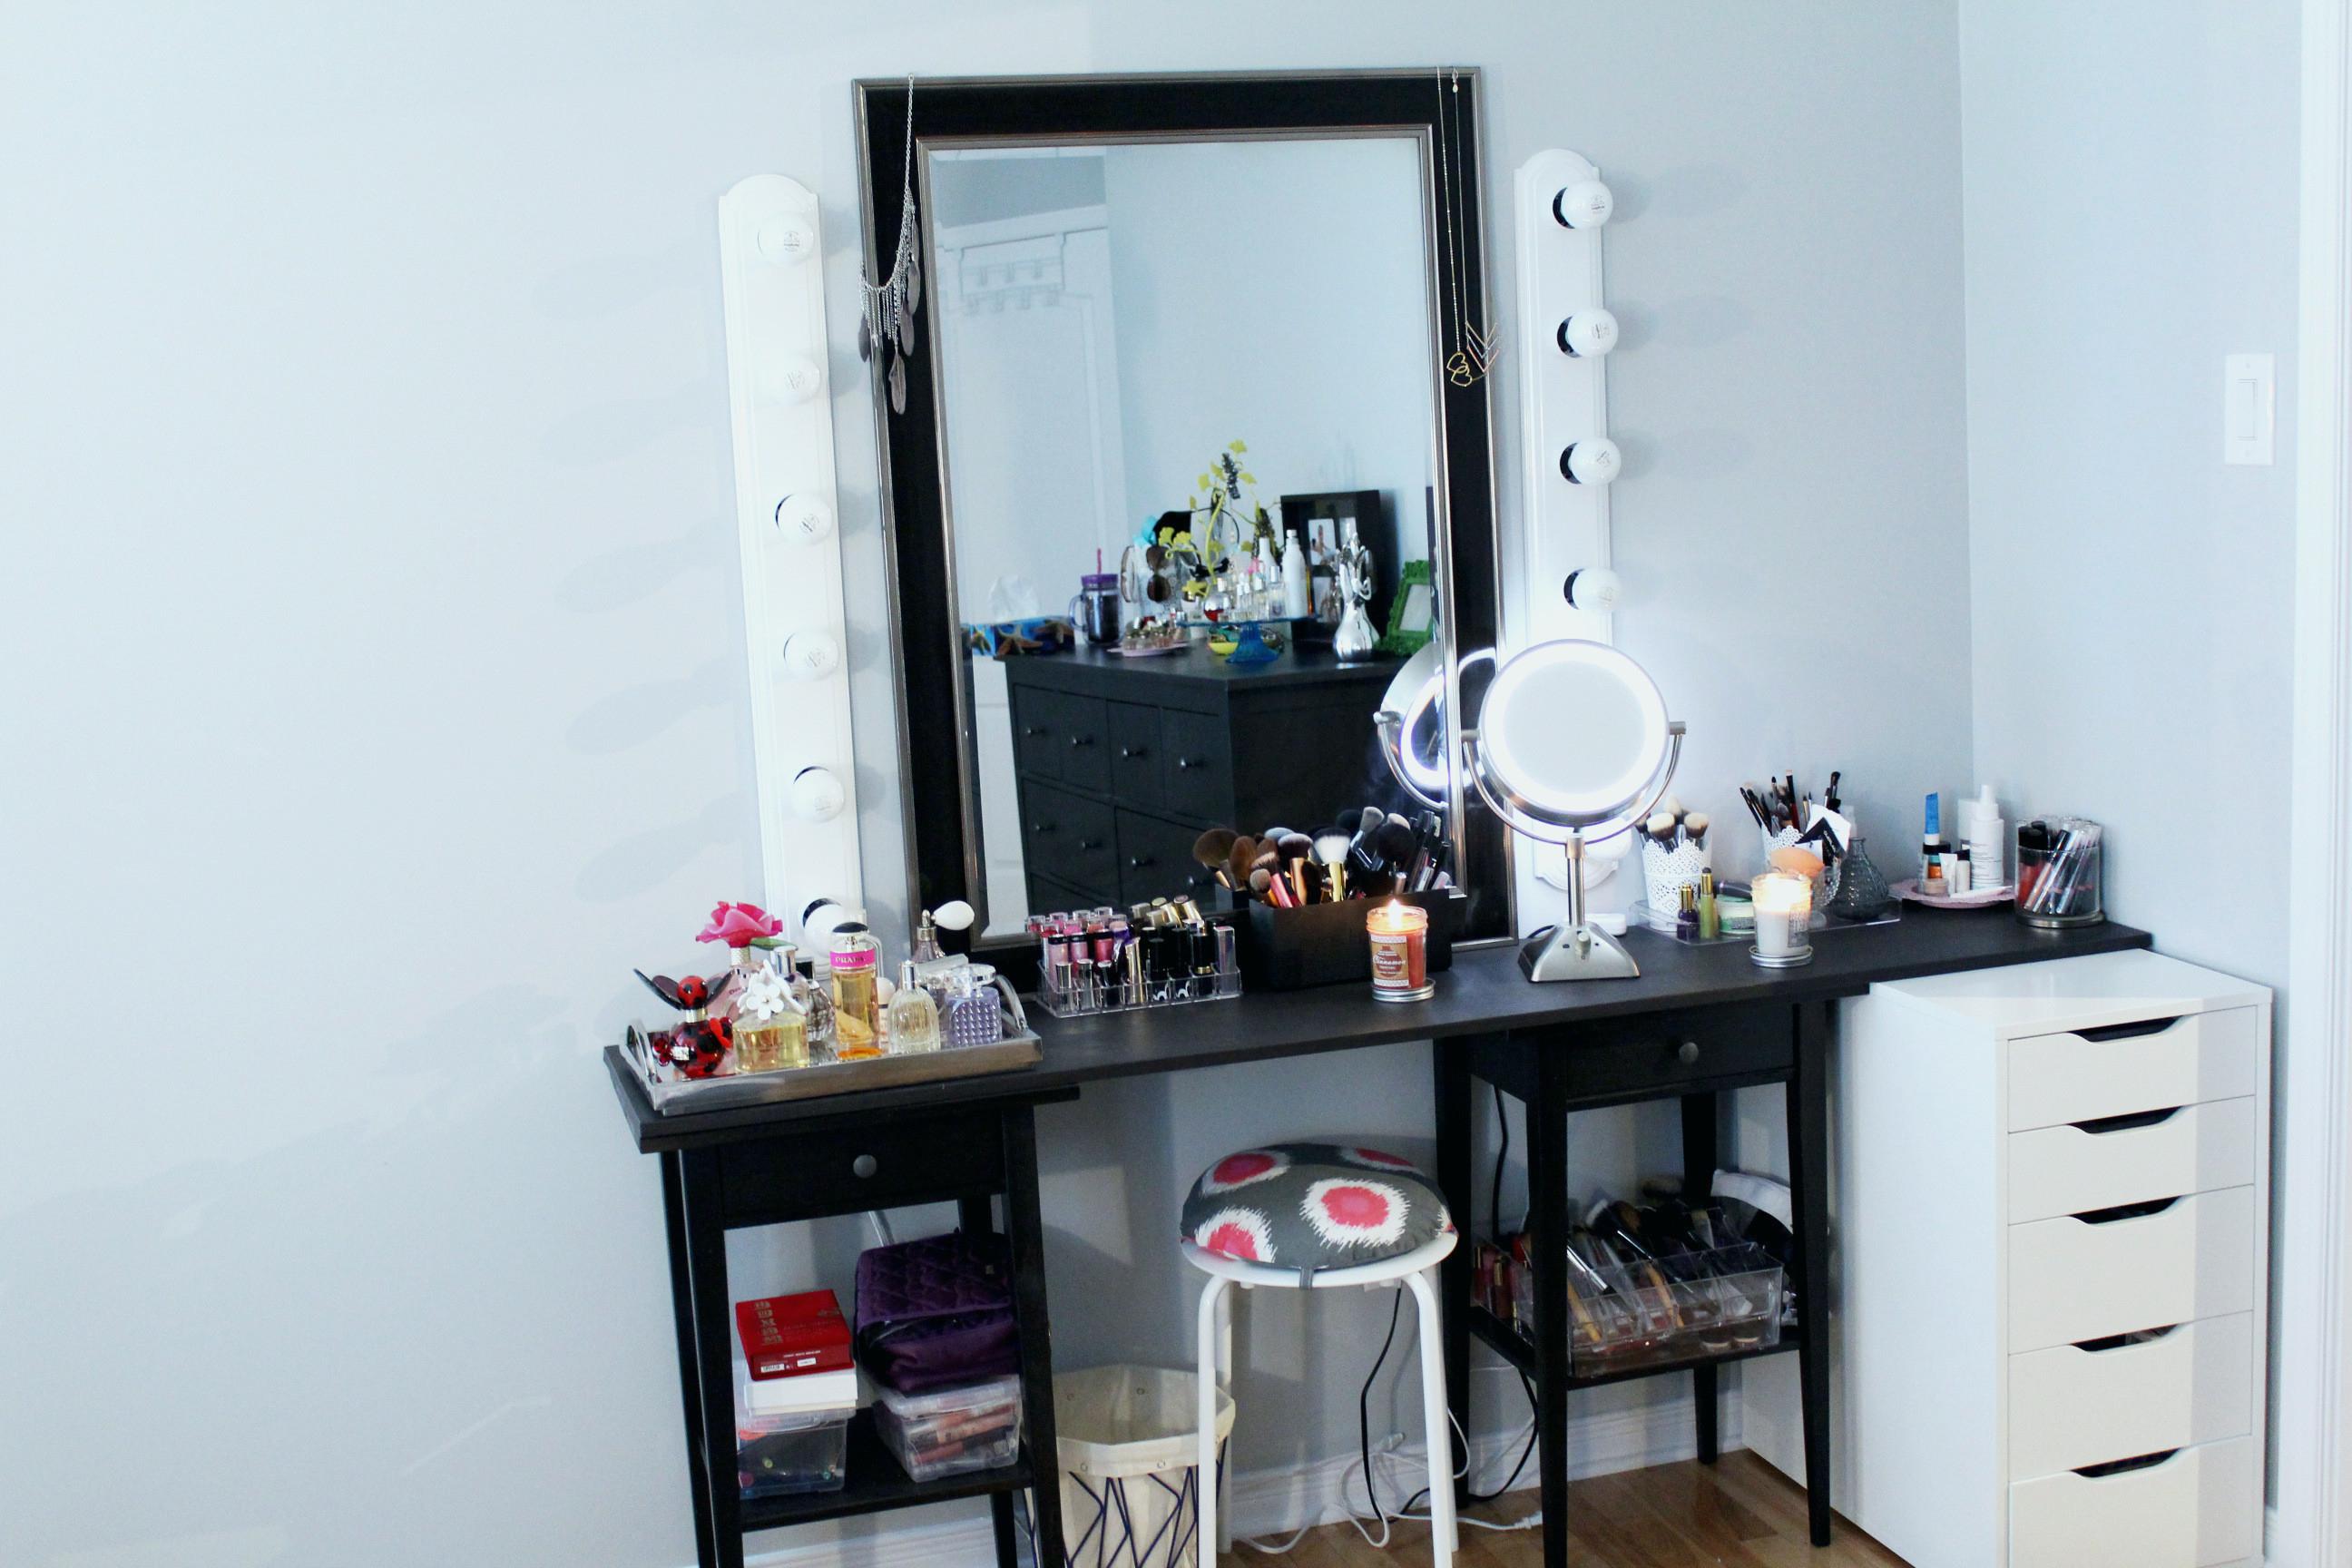 Ikea Meuble toilette Nouveau Photos Inspirer 40 De Meuble Salon Rangement Des Idées